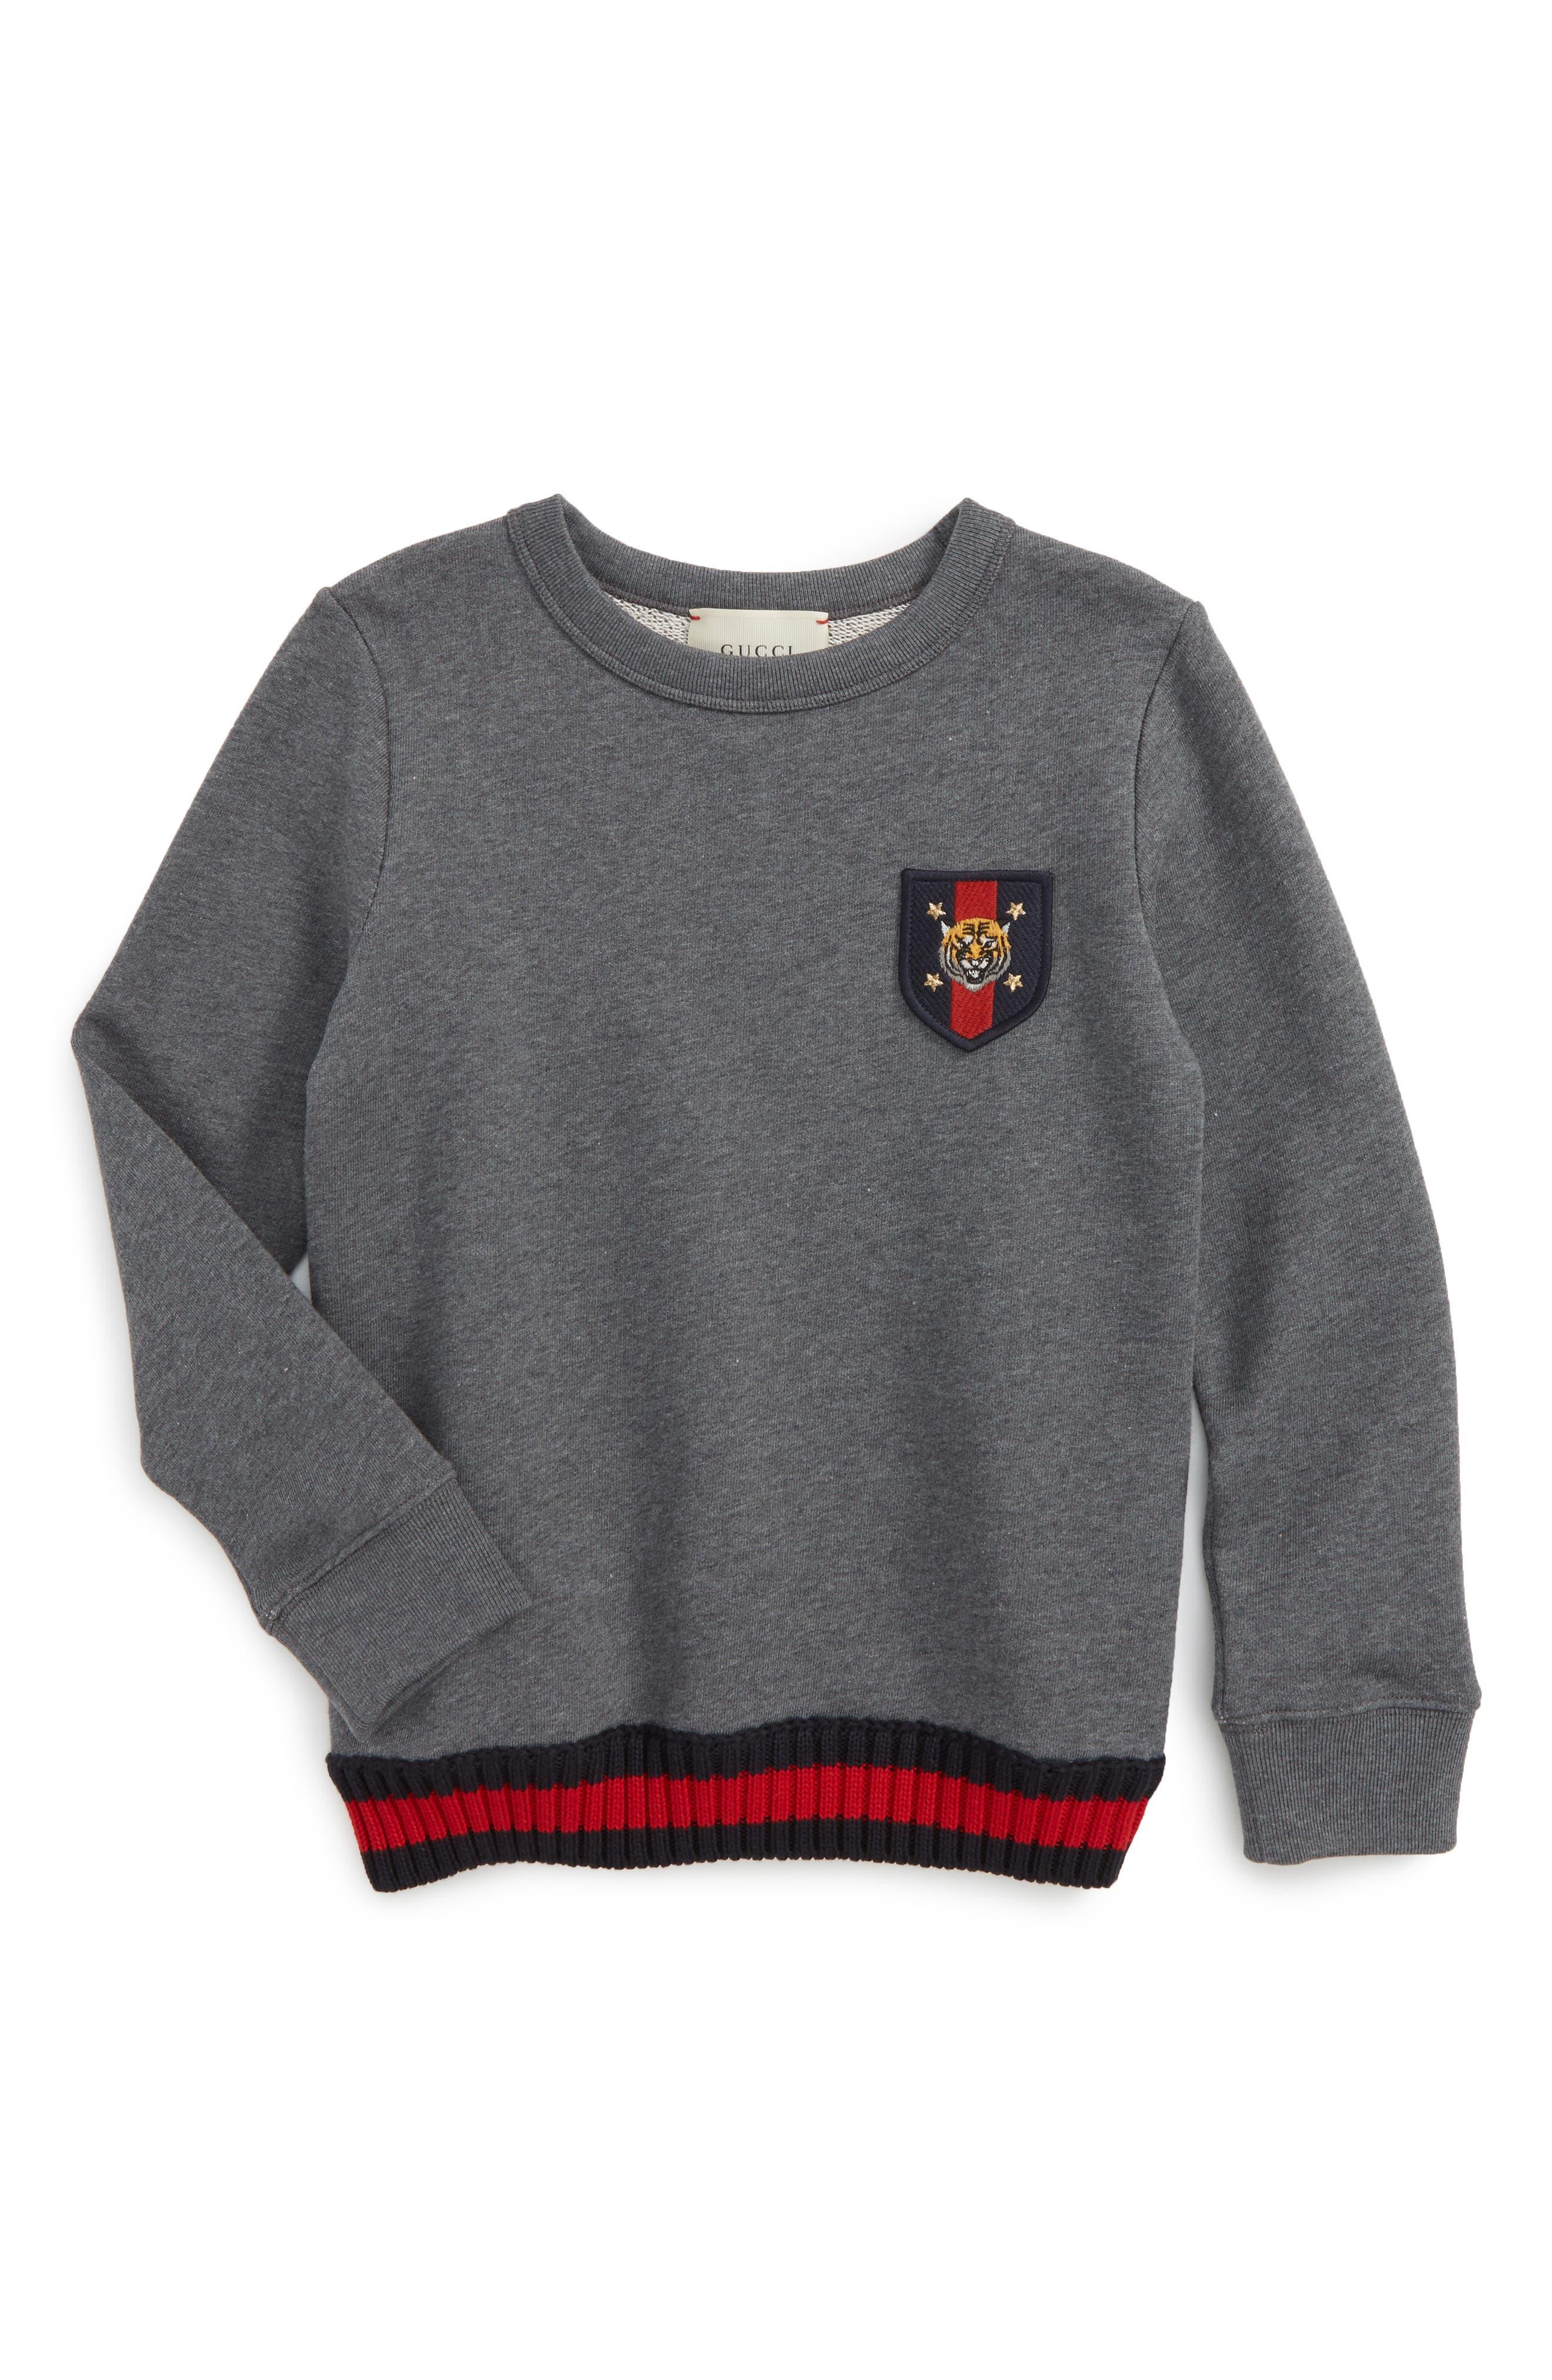 Patch Sweatshirt,                         Main,                         color, Dark Grey Multi